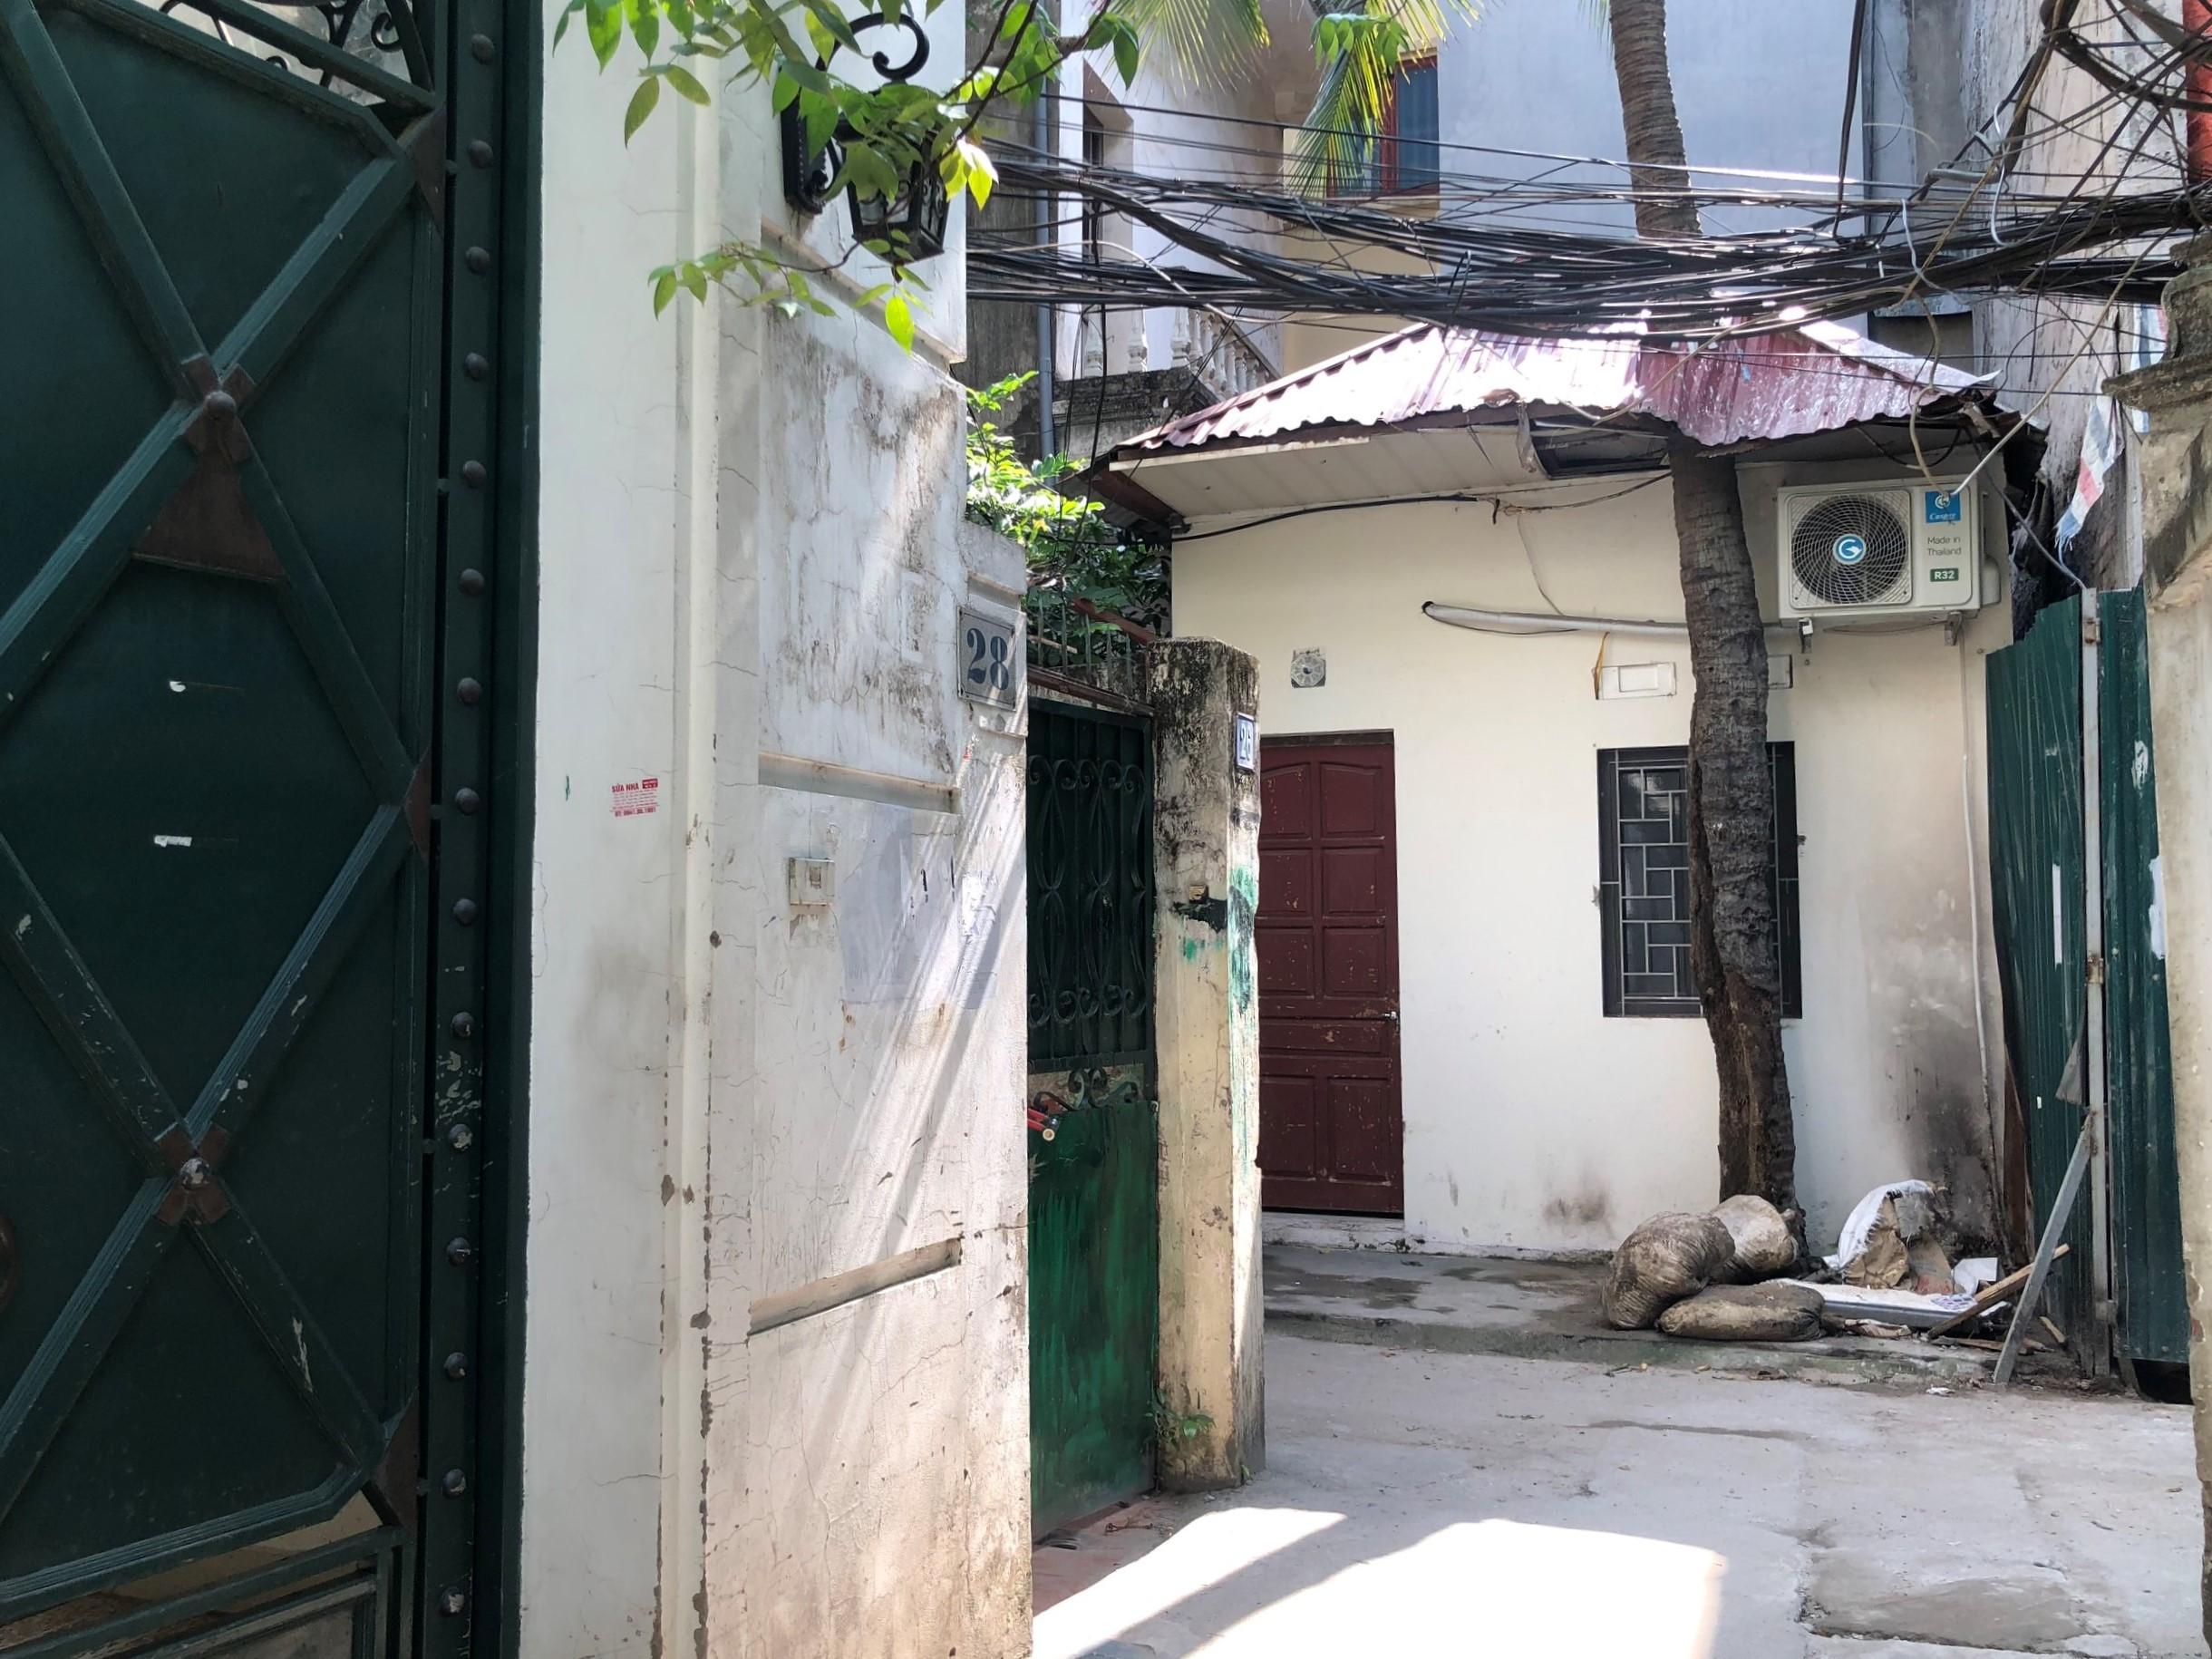 Những khu đất sắp thu hồi ở phường Kim Mã, Ba Đình (phần 3): Đường nối từ Núi Trúc đến Kim Mã và Giang Văn Minh - Ảnh 5.